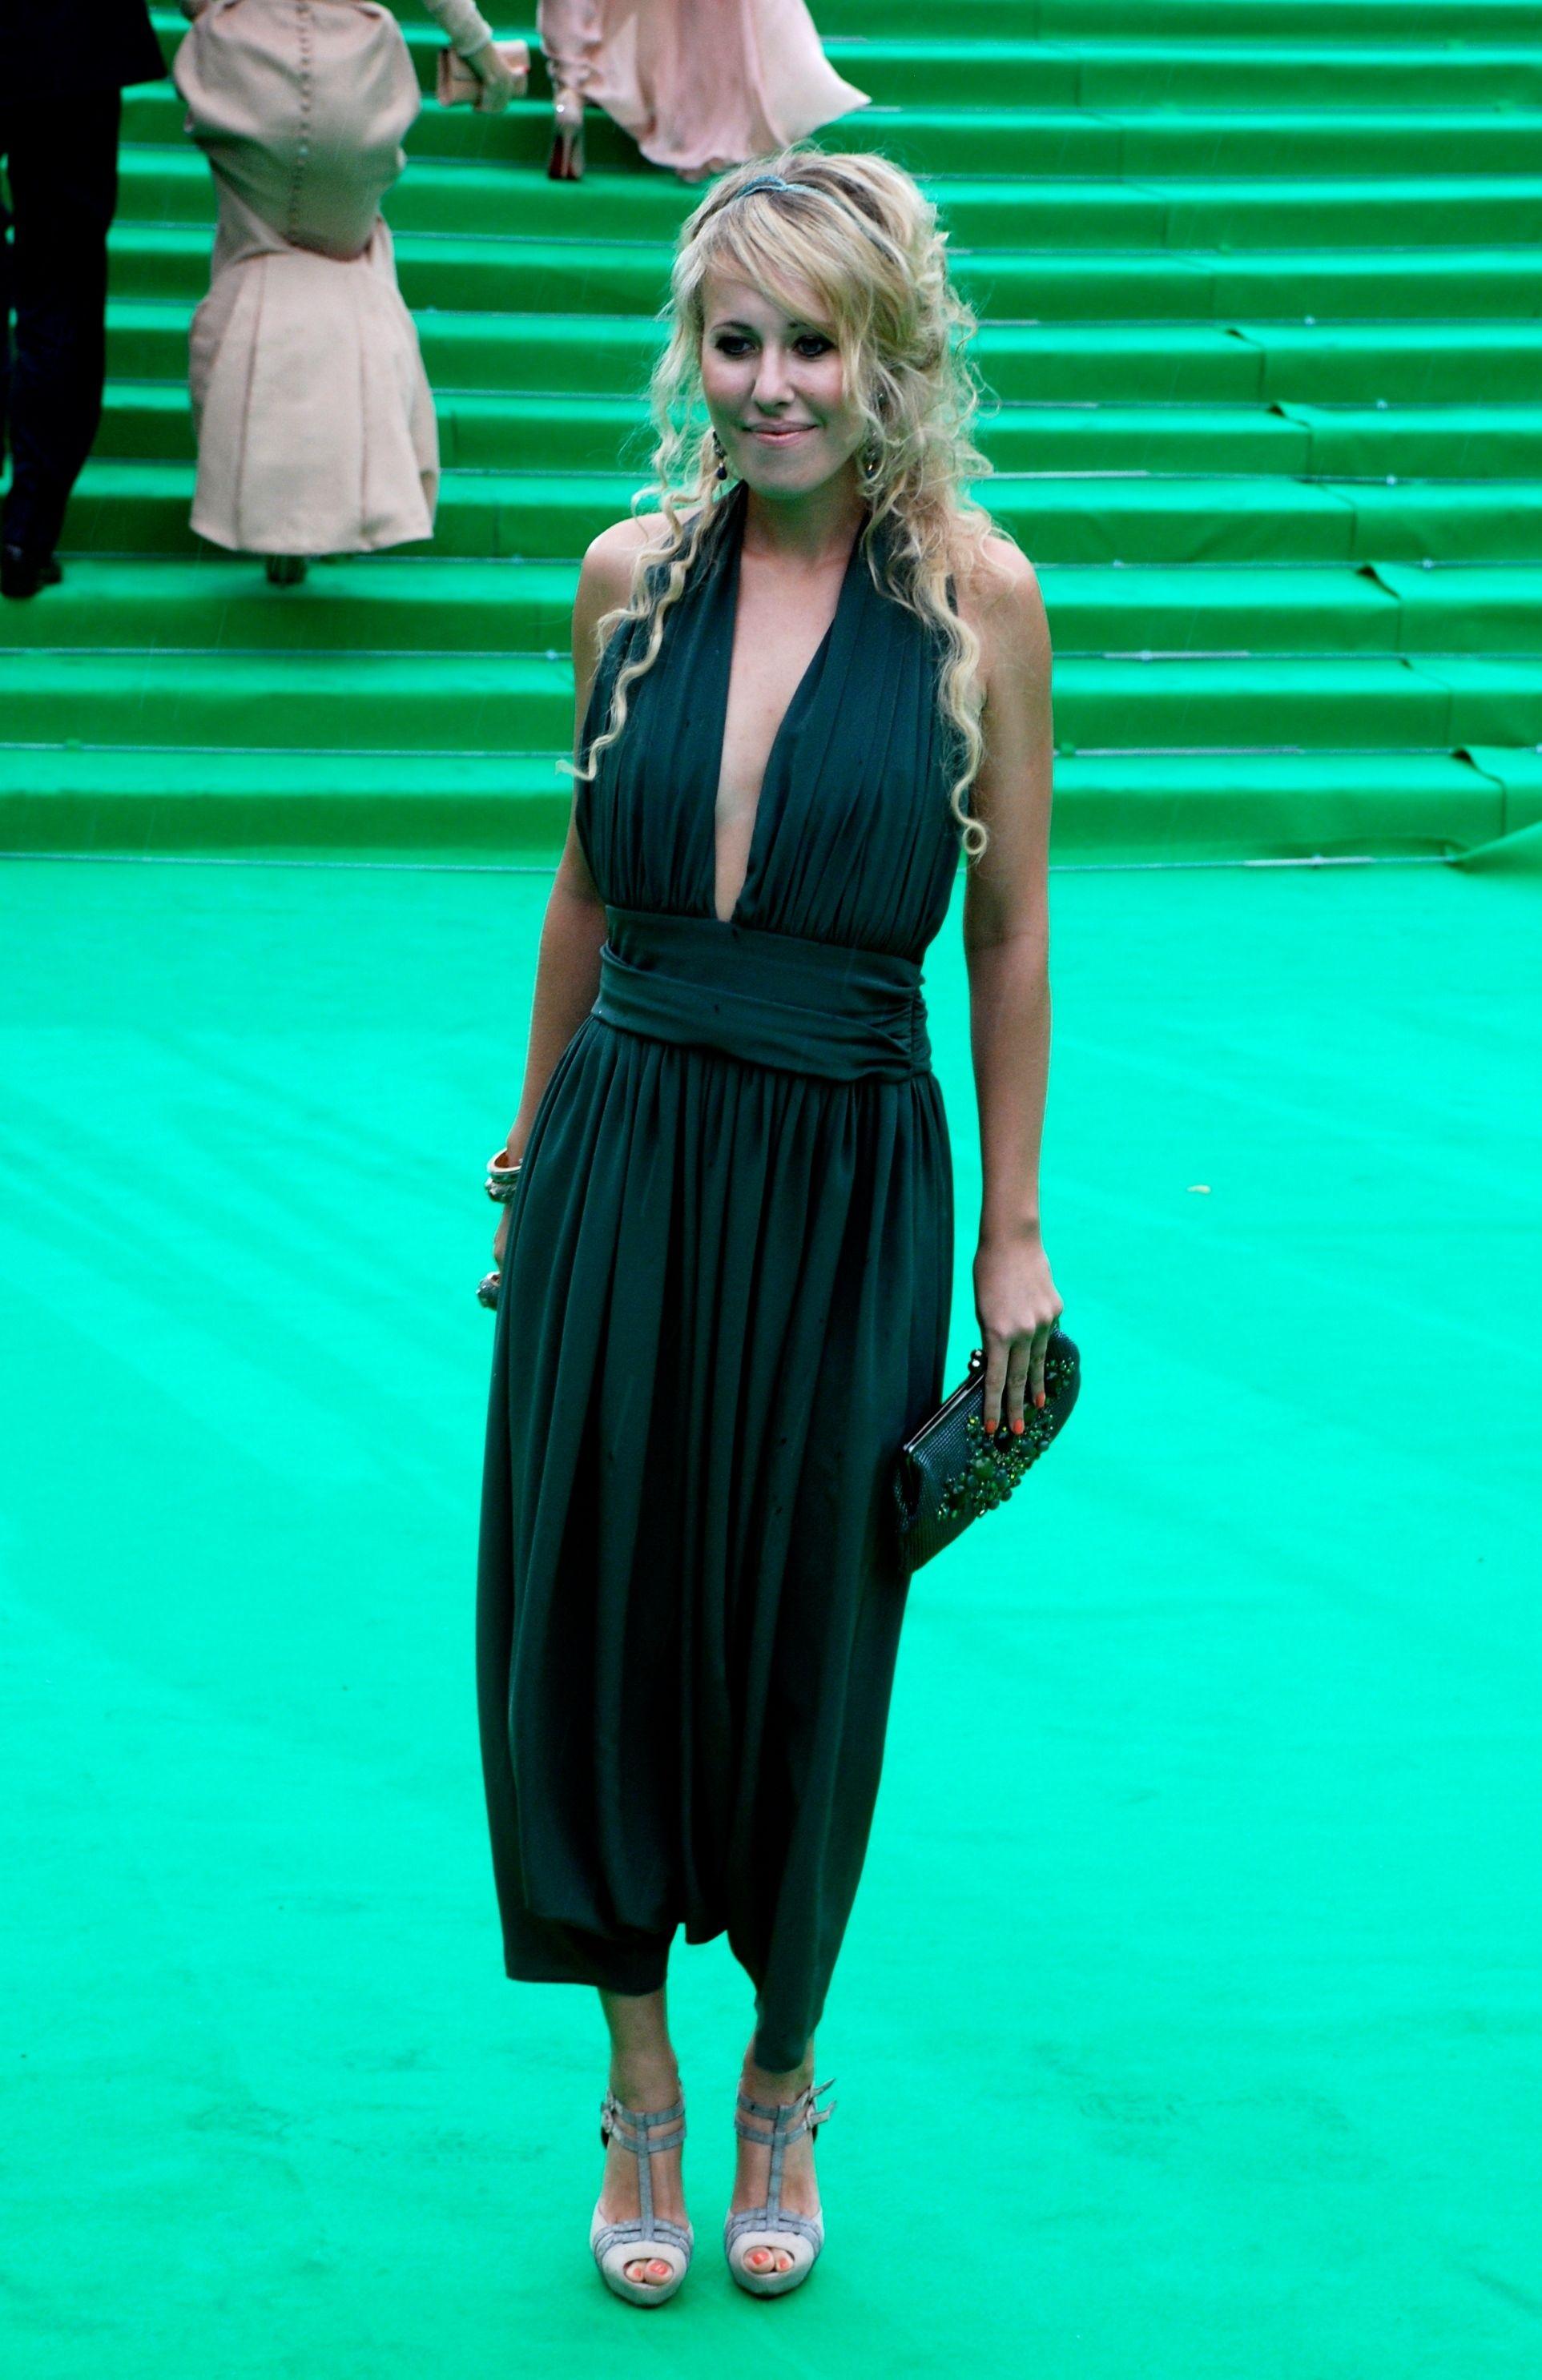 Фото подделки русских актрис 7 фотография